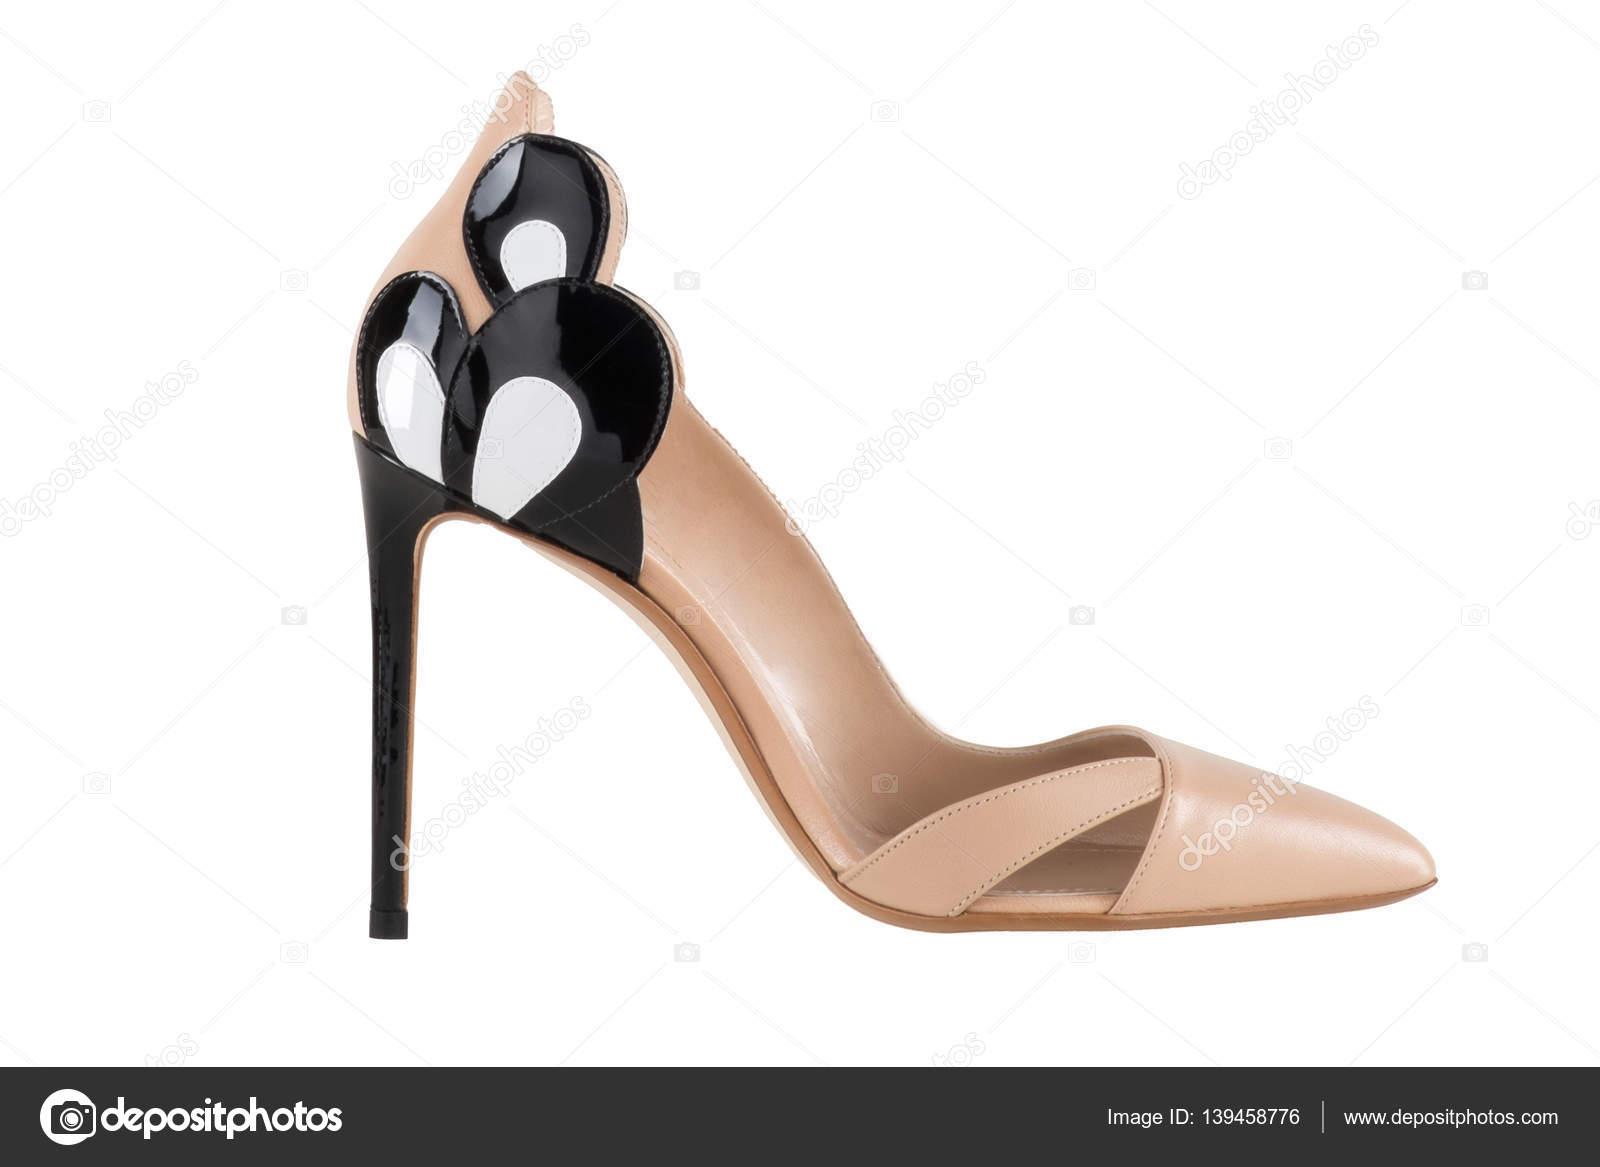 90e38c5a60c91 Zapatos de mujer sobre un fondo blanco. calzado Premium. Zapatos italianos  marca - zapatos italianos marcas mujer — Foto de ...